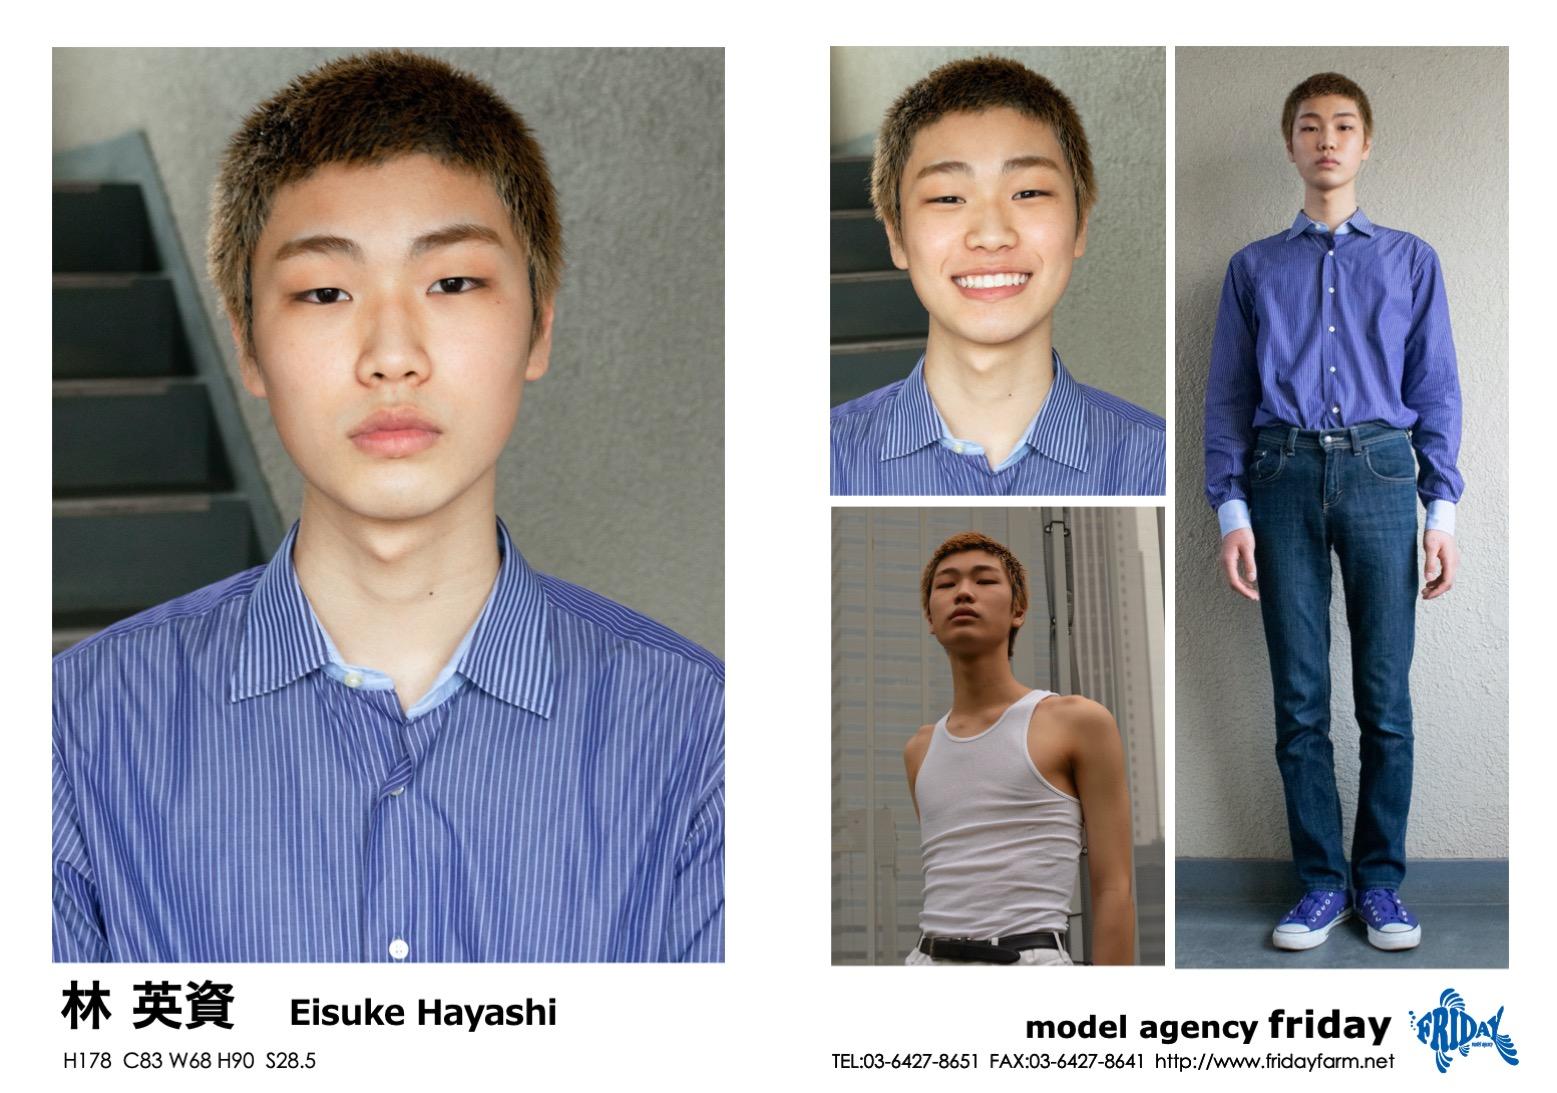 林 英資 - Eisuke Hayashi   model agency friday